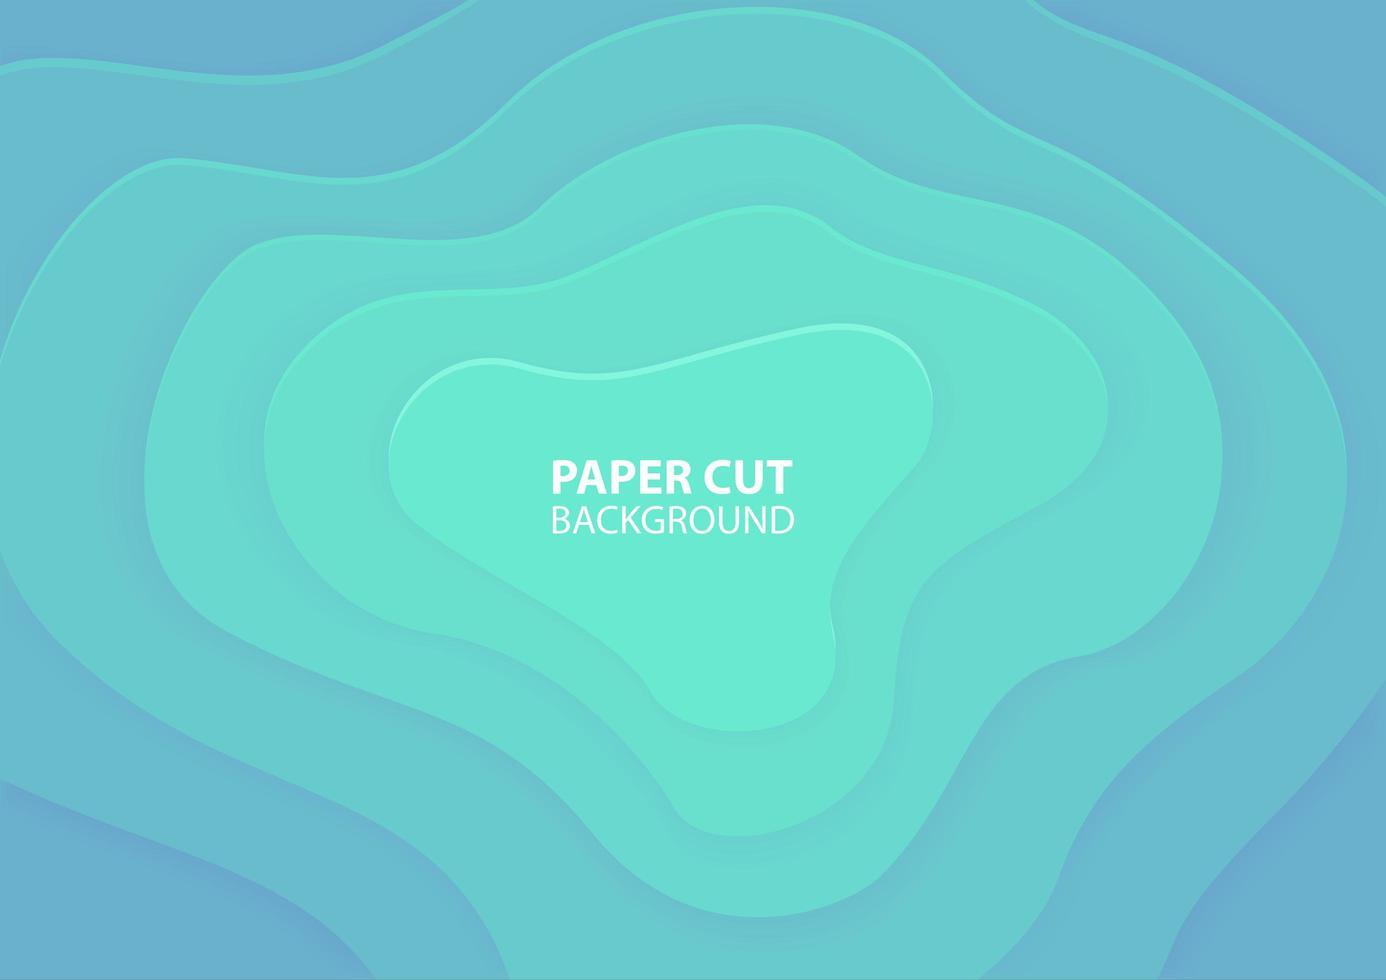 diseño de corte de papel en capas azul degradado vector